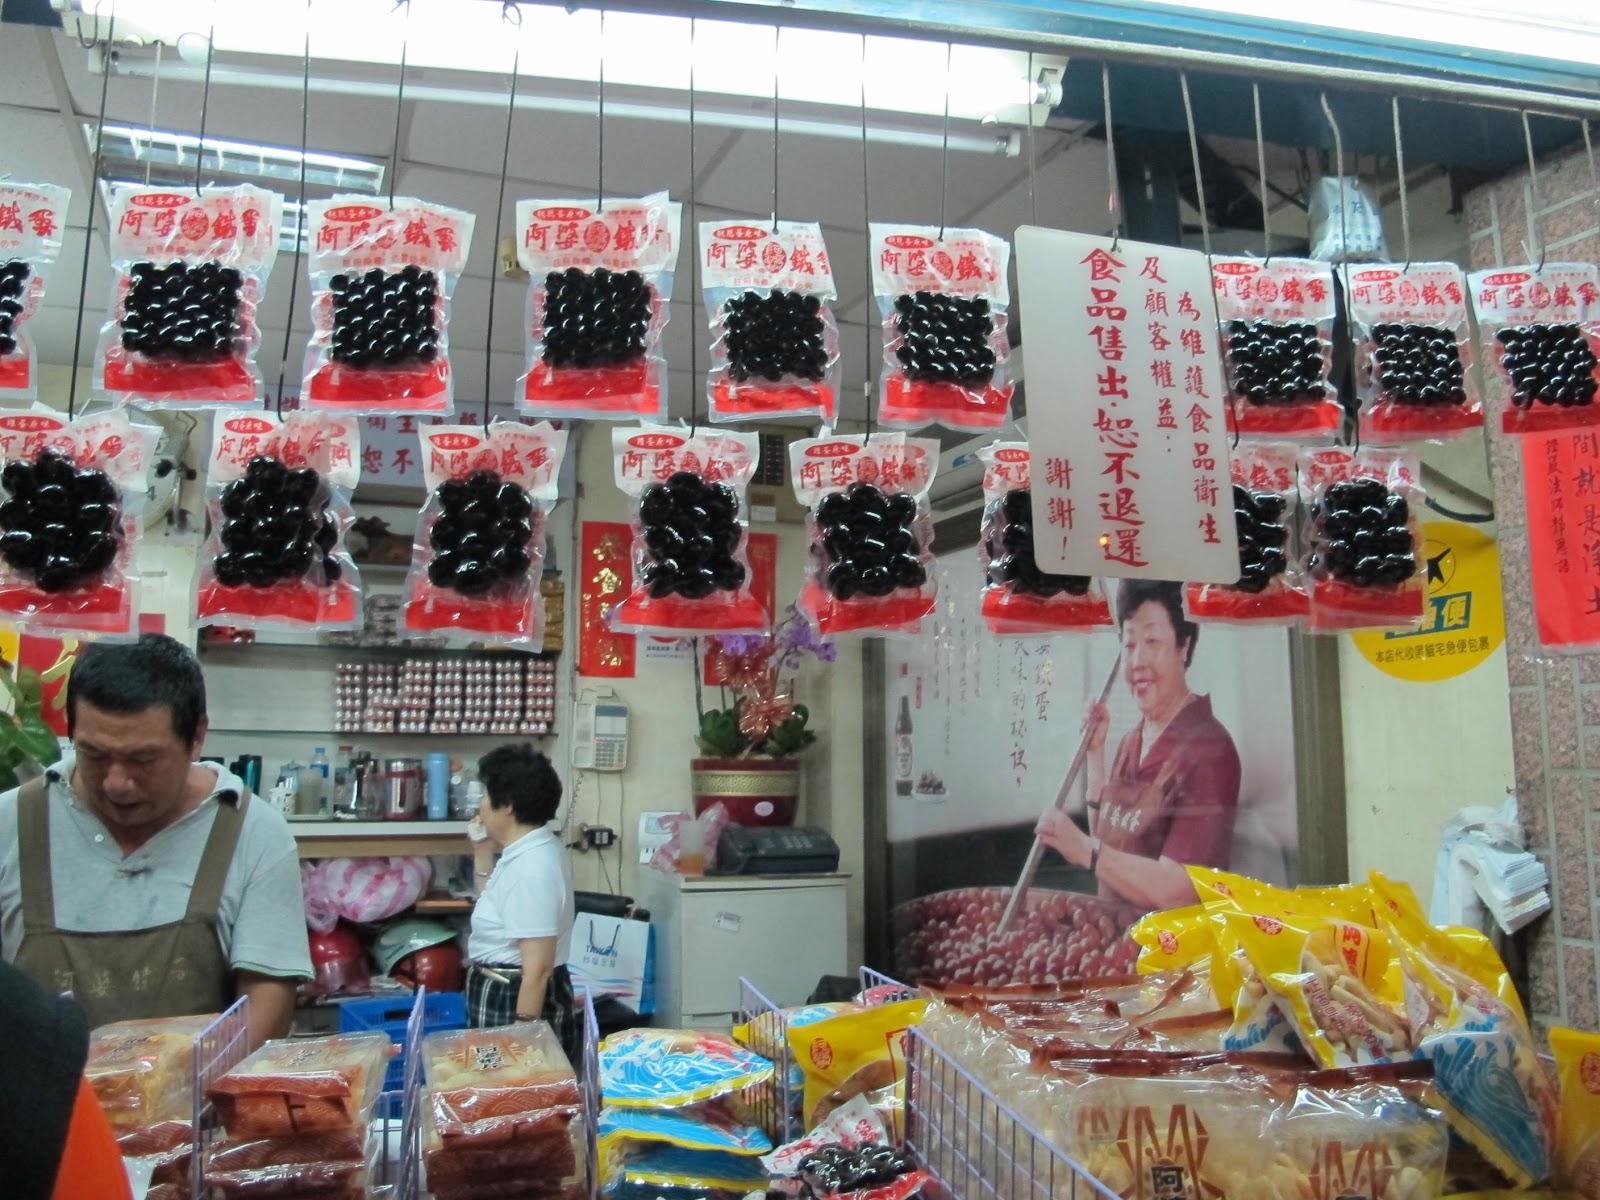 「對了,去上海吧!」Yes,Go Shanghai!「資深宅男的旅遊見聞~」 My Life Bits: 淡水遊記(阿婆鐵蛋,許義魚酥,阿給)